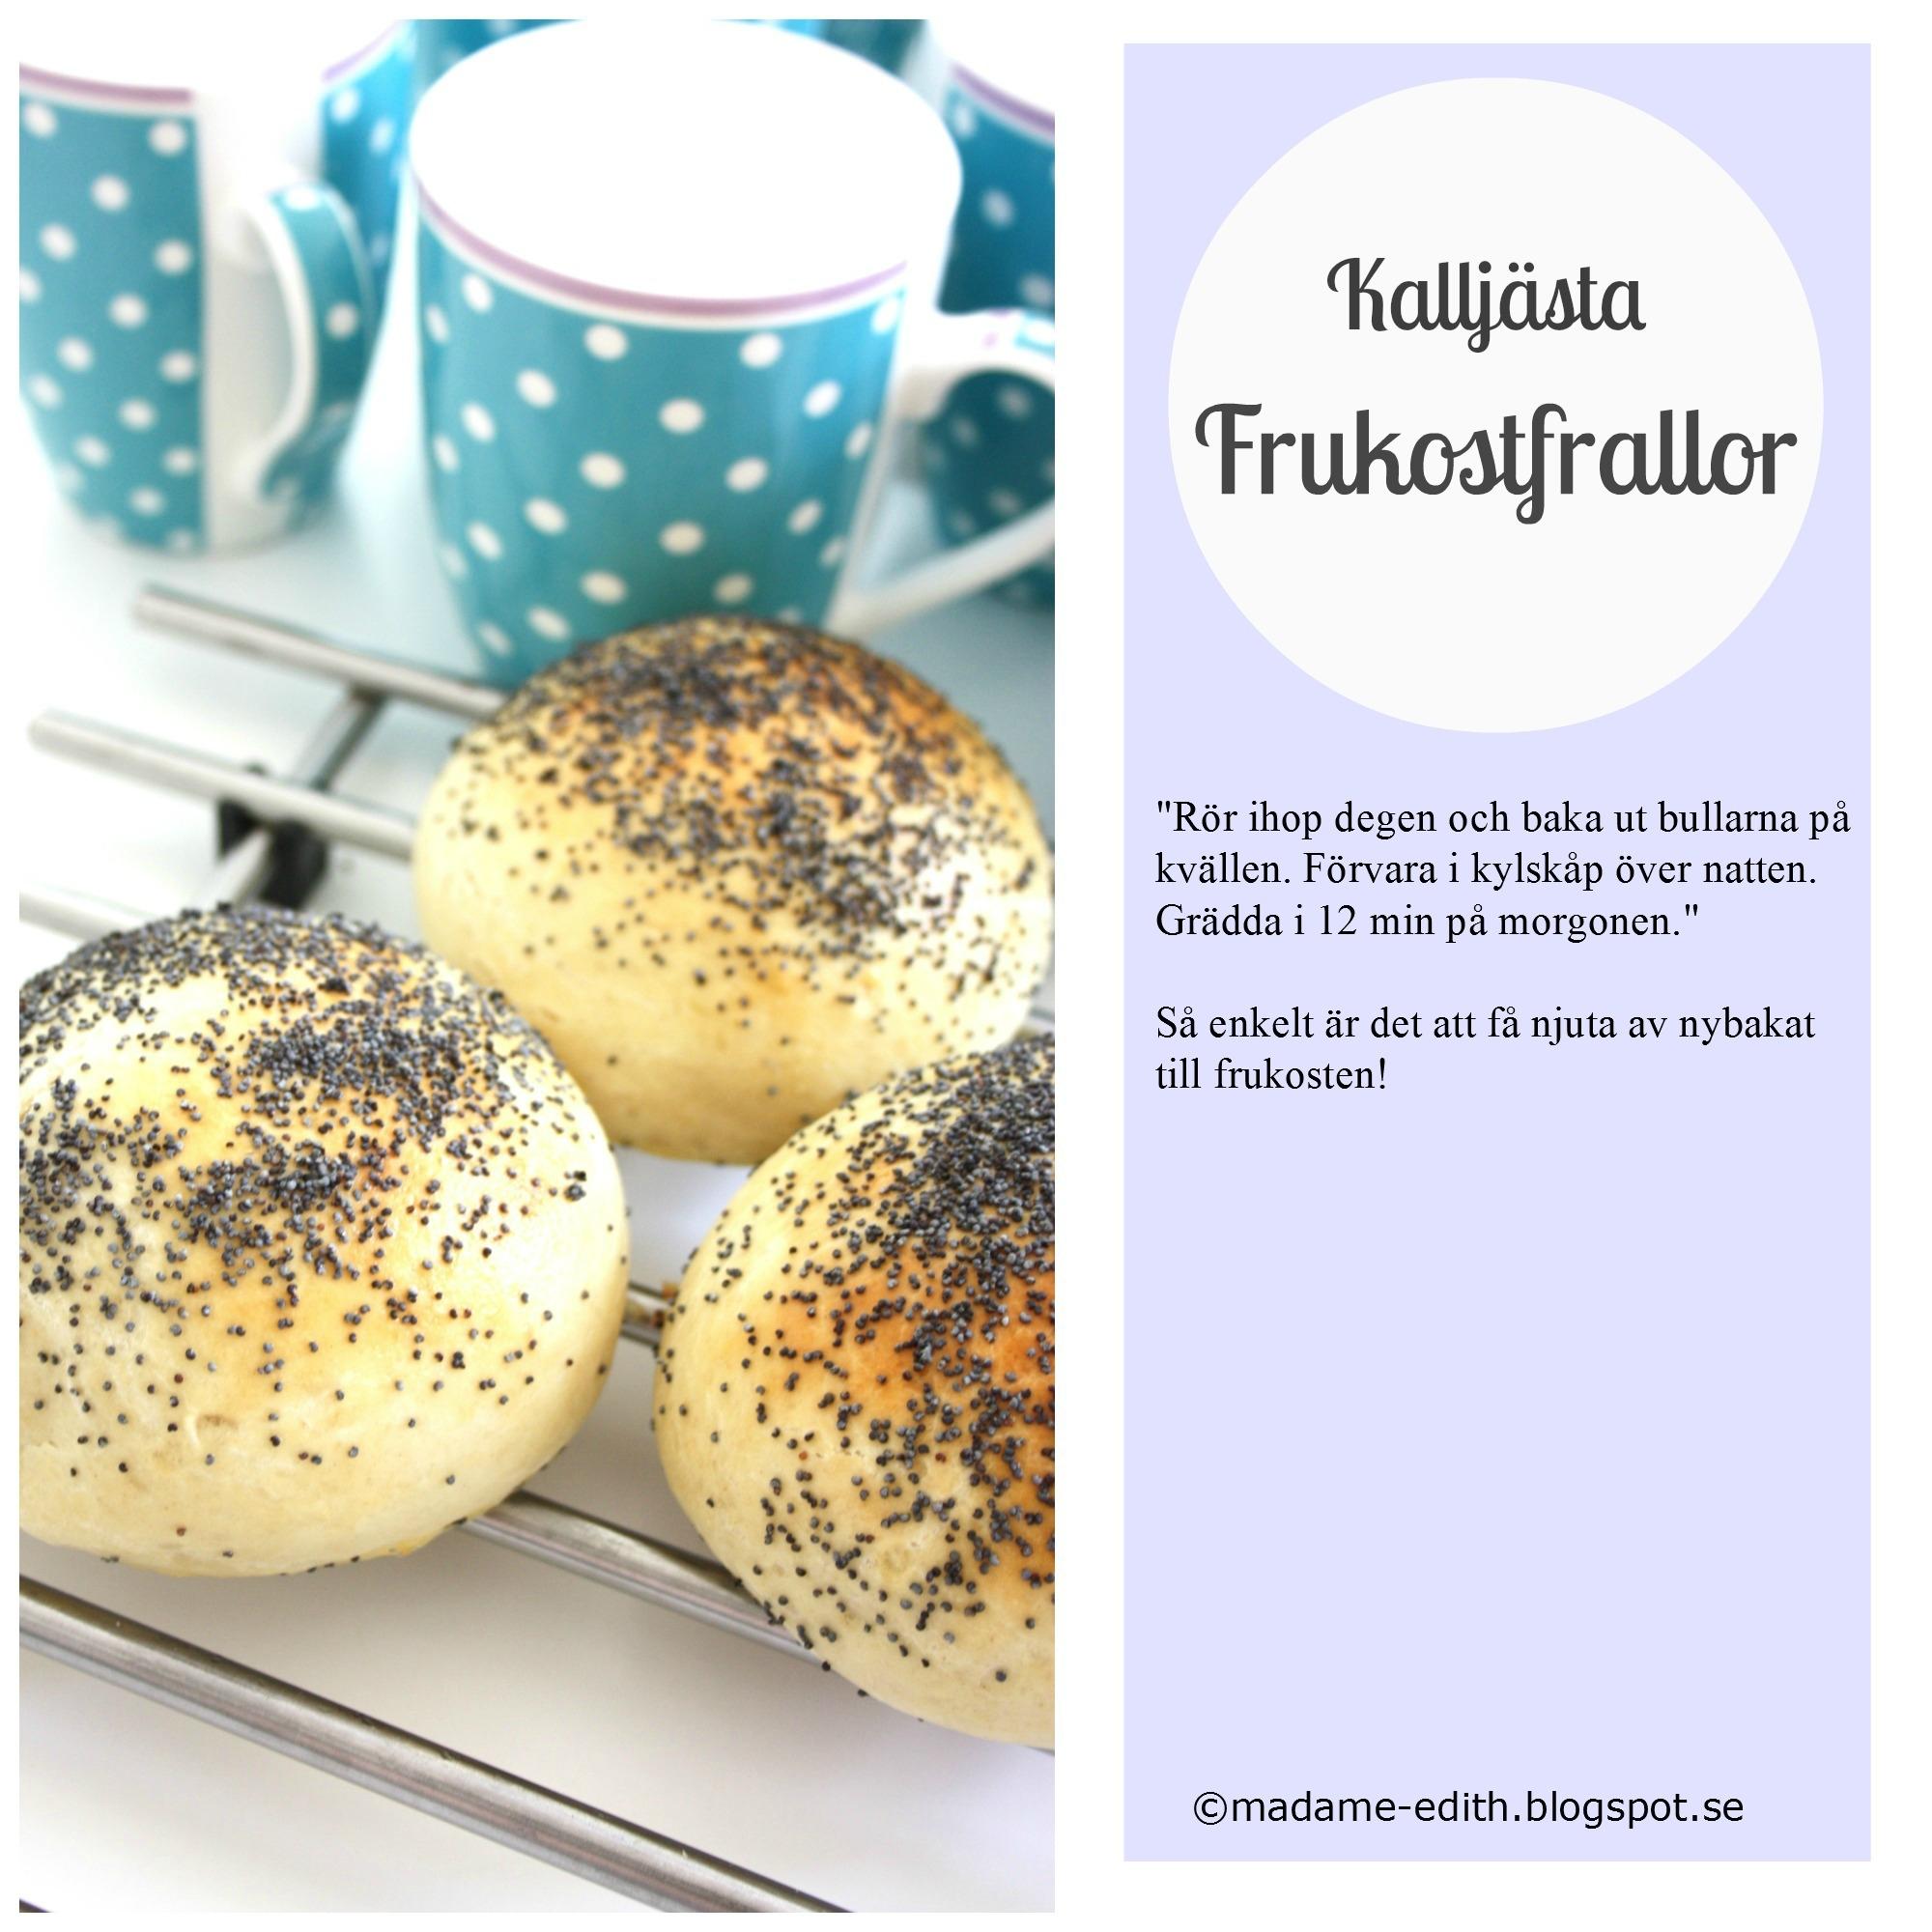 Madame Ediths Kalljästa frukostfrallor - Lättbakat